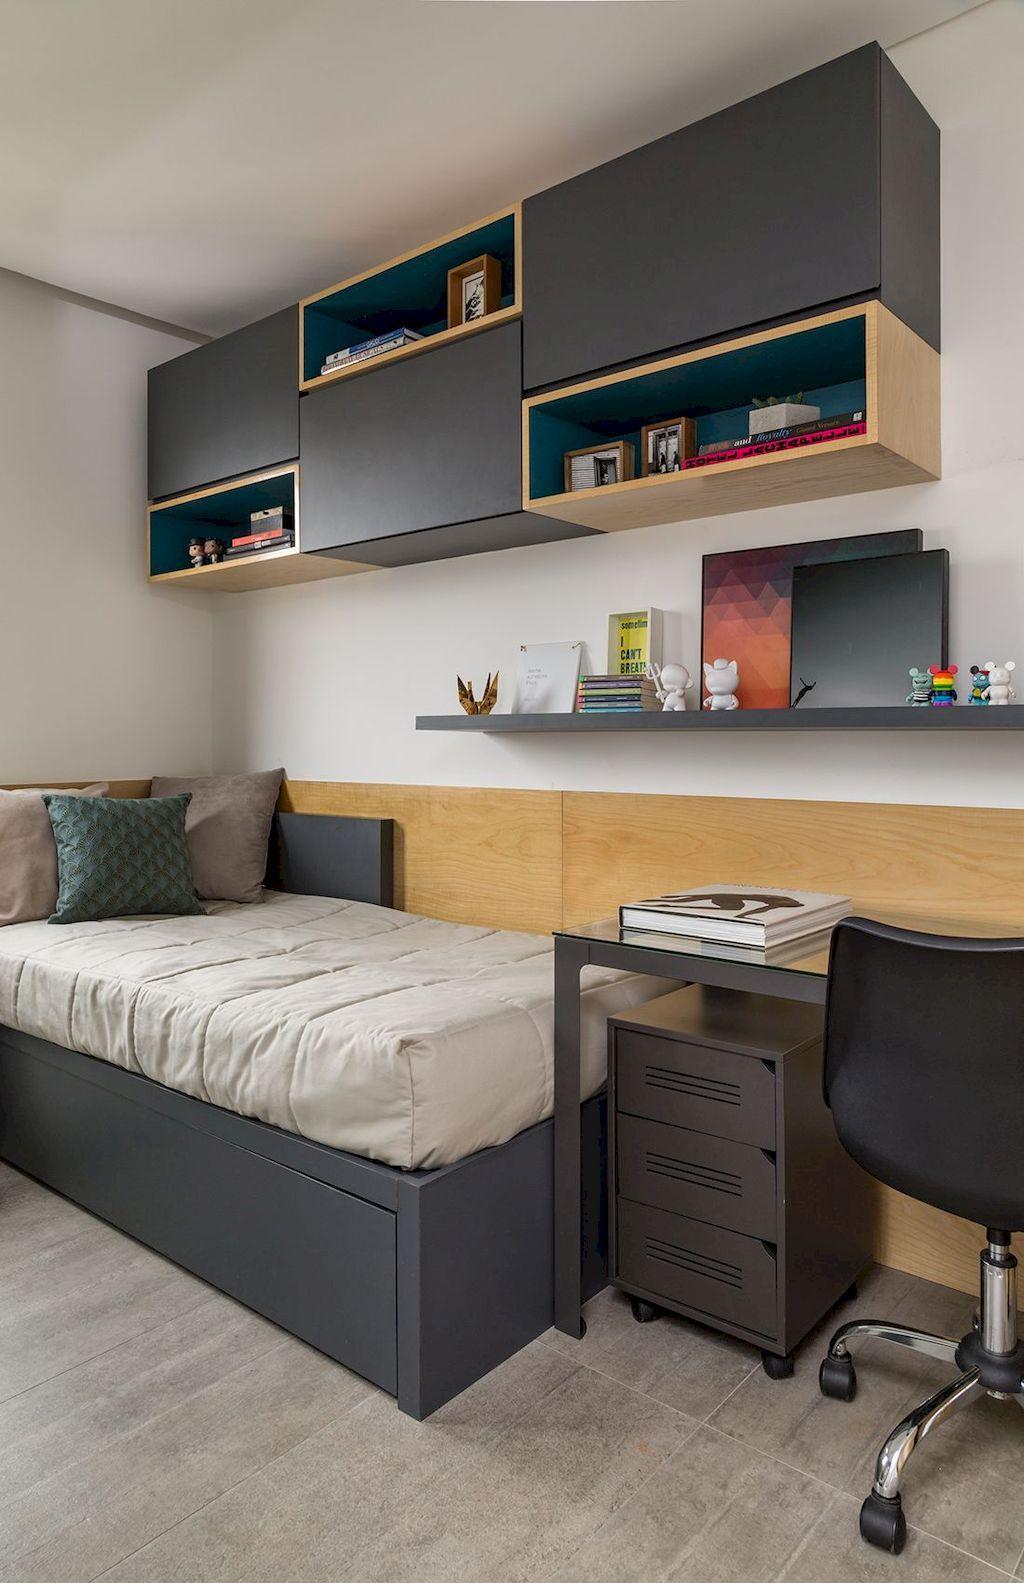 Bedroom Desk For Teenager